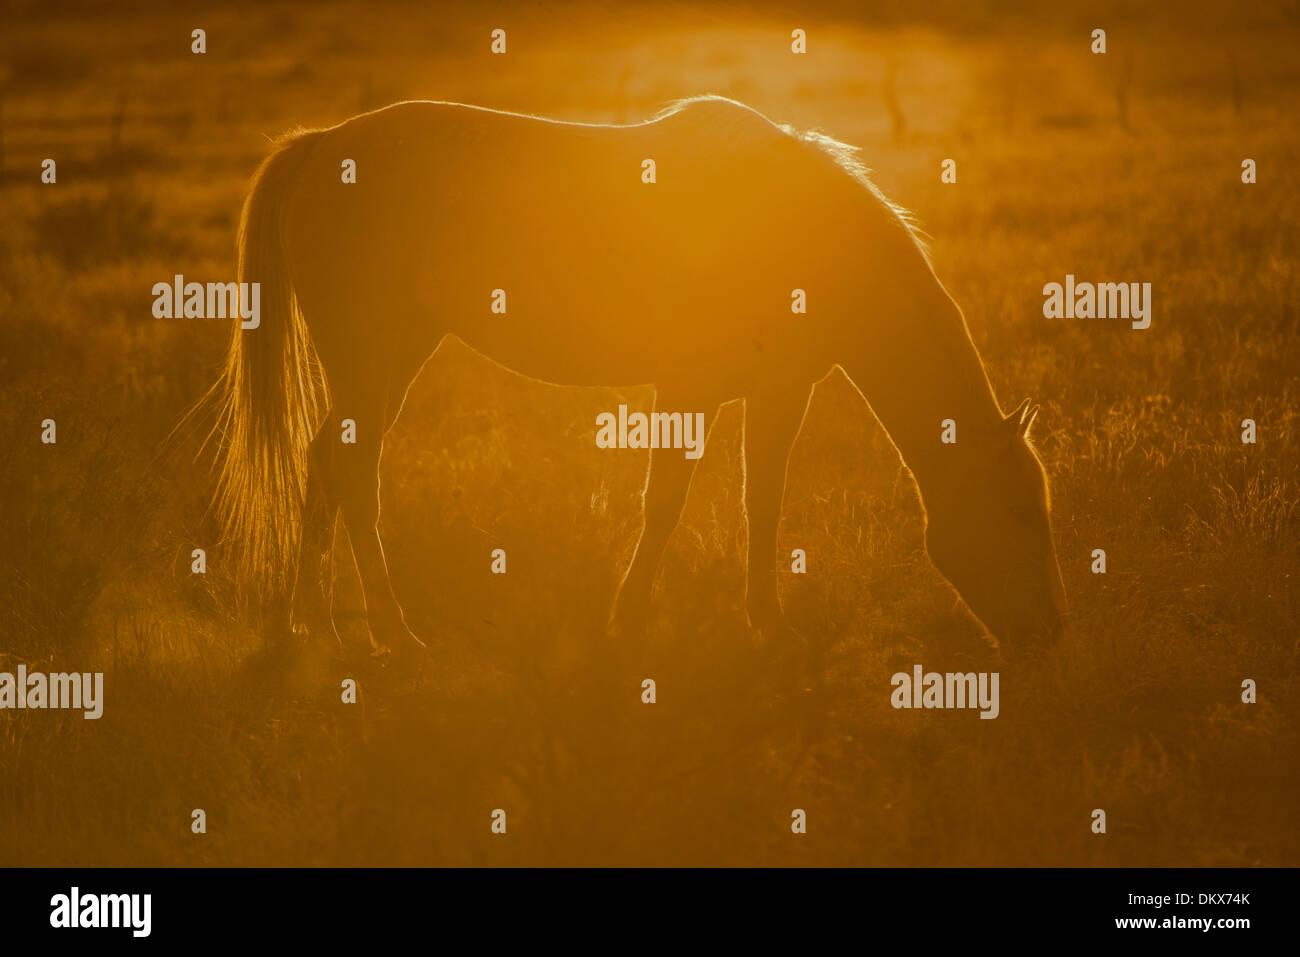 Pferd, Tier, offenen Bereich, USA, USA, Amerika, Arizona, Gegenlicht, Sonnenuntergang, Stockbild